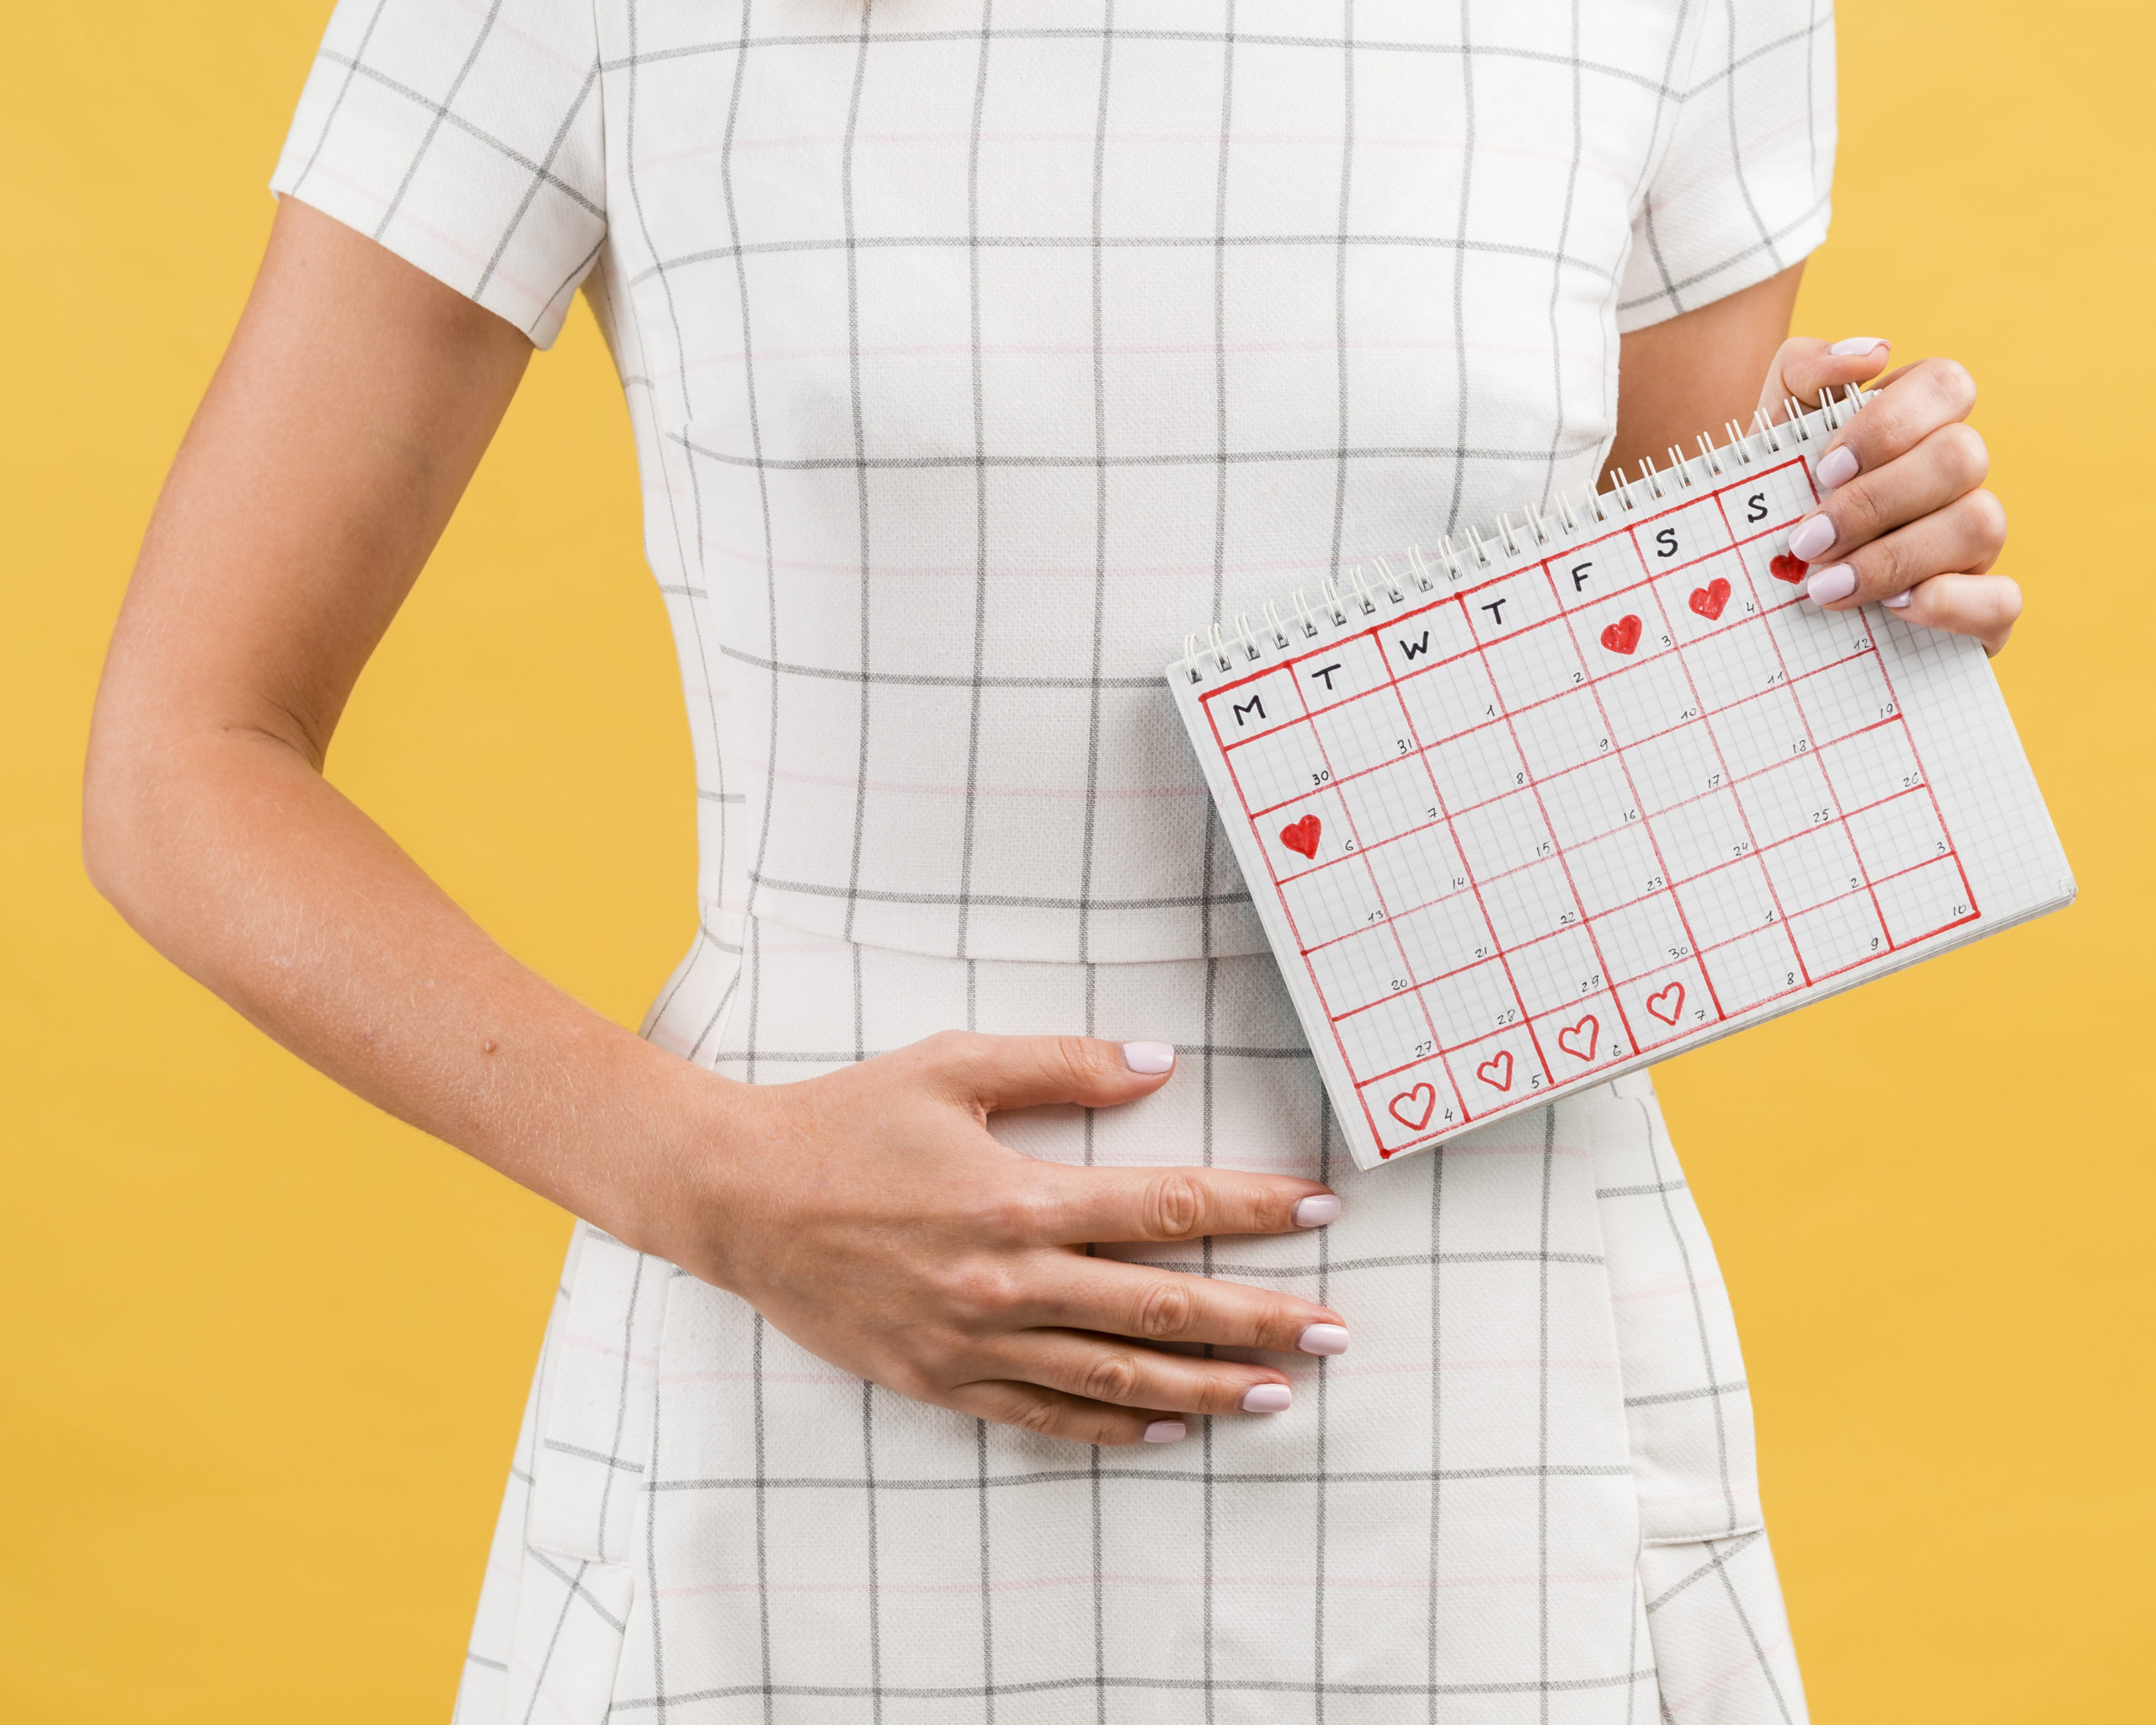 Possui muitas dores no período menstrual? Pode ser endometriose!